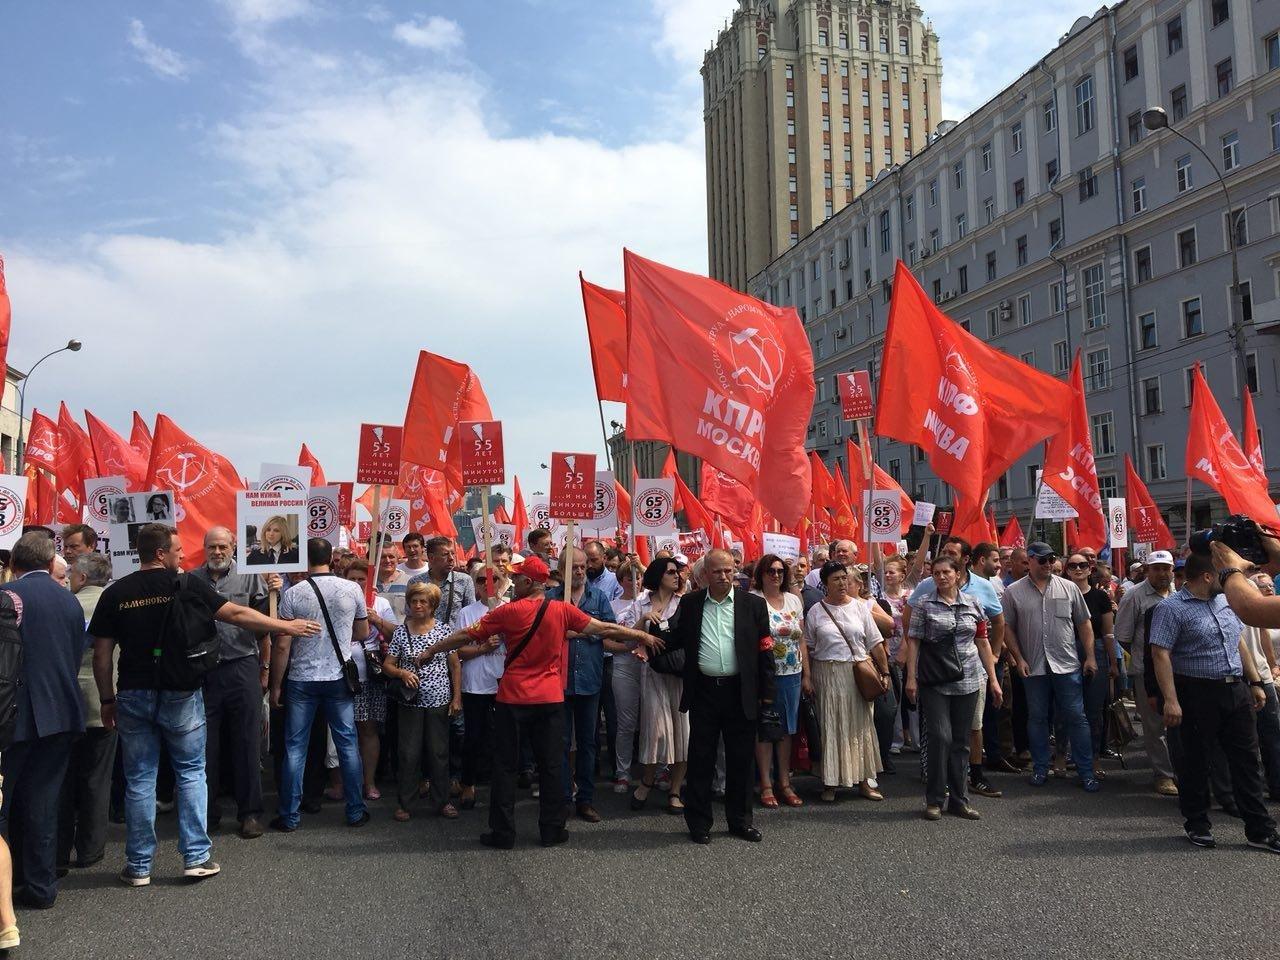 В Москве на акцию КПРФ против пенсионной реформы вышли только 3 тысячи человек из заявленных 20 тысяч